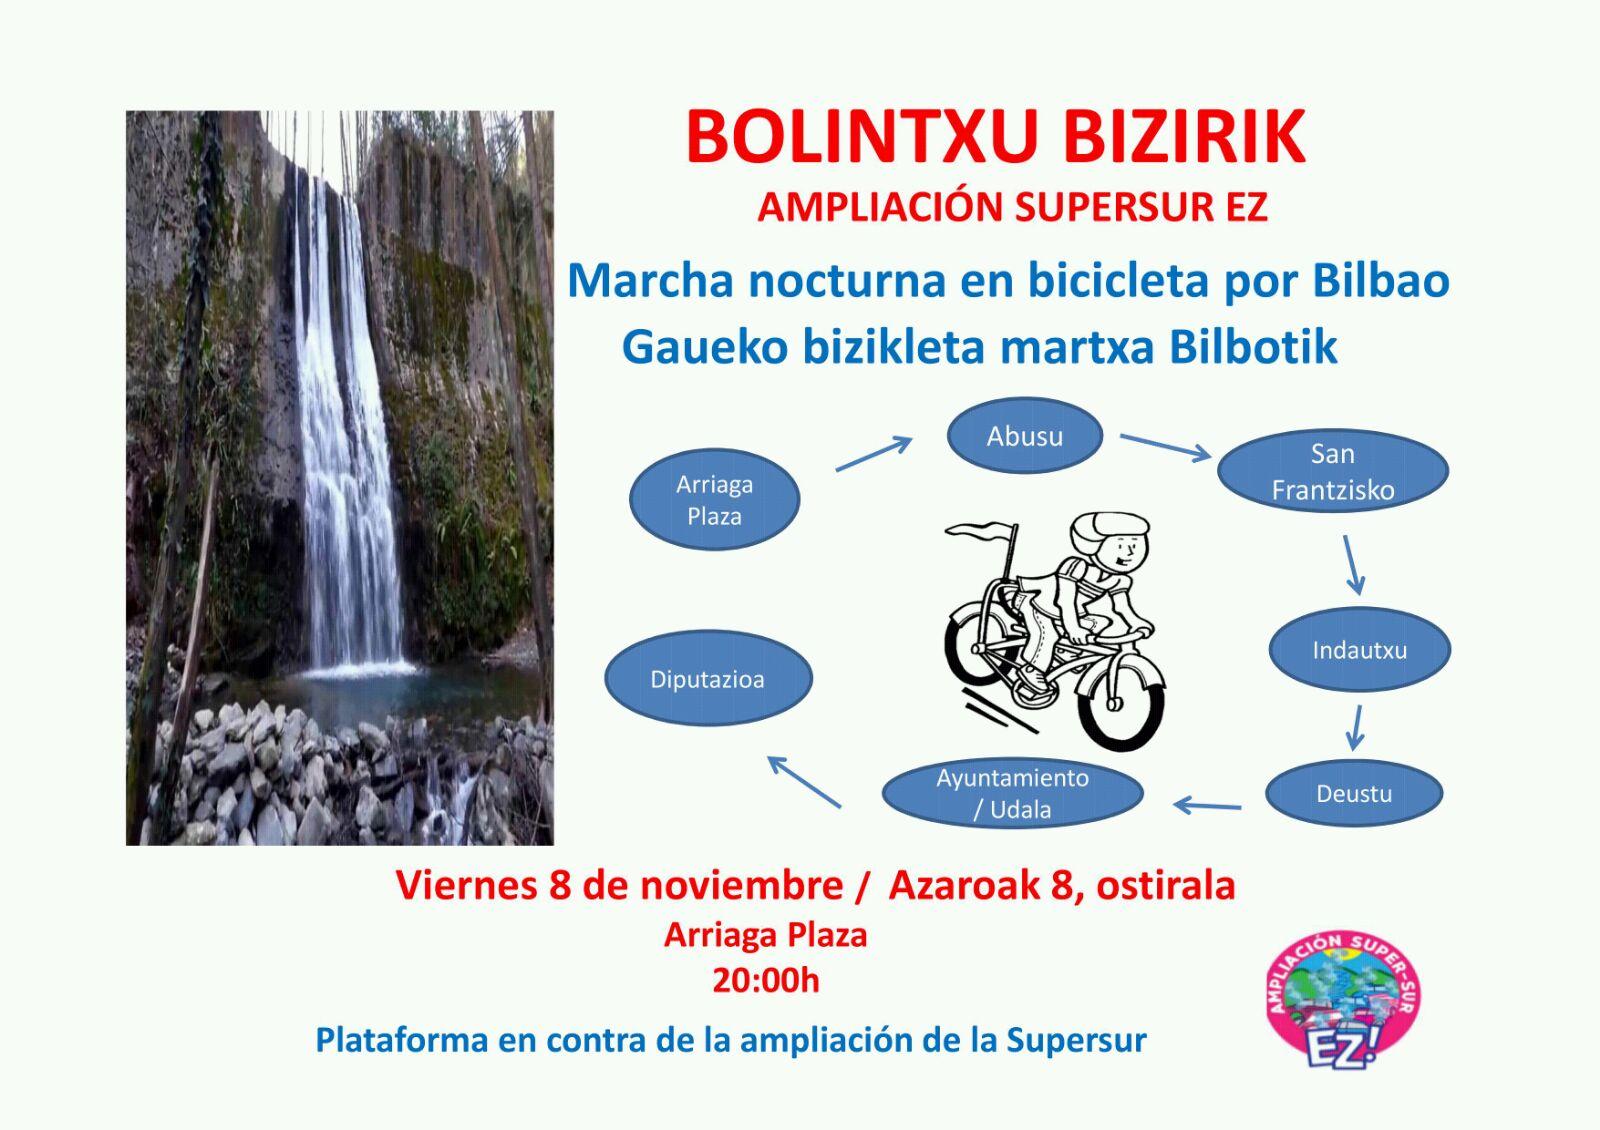 Marcha nocturna en Bicicleta por Bilbao